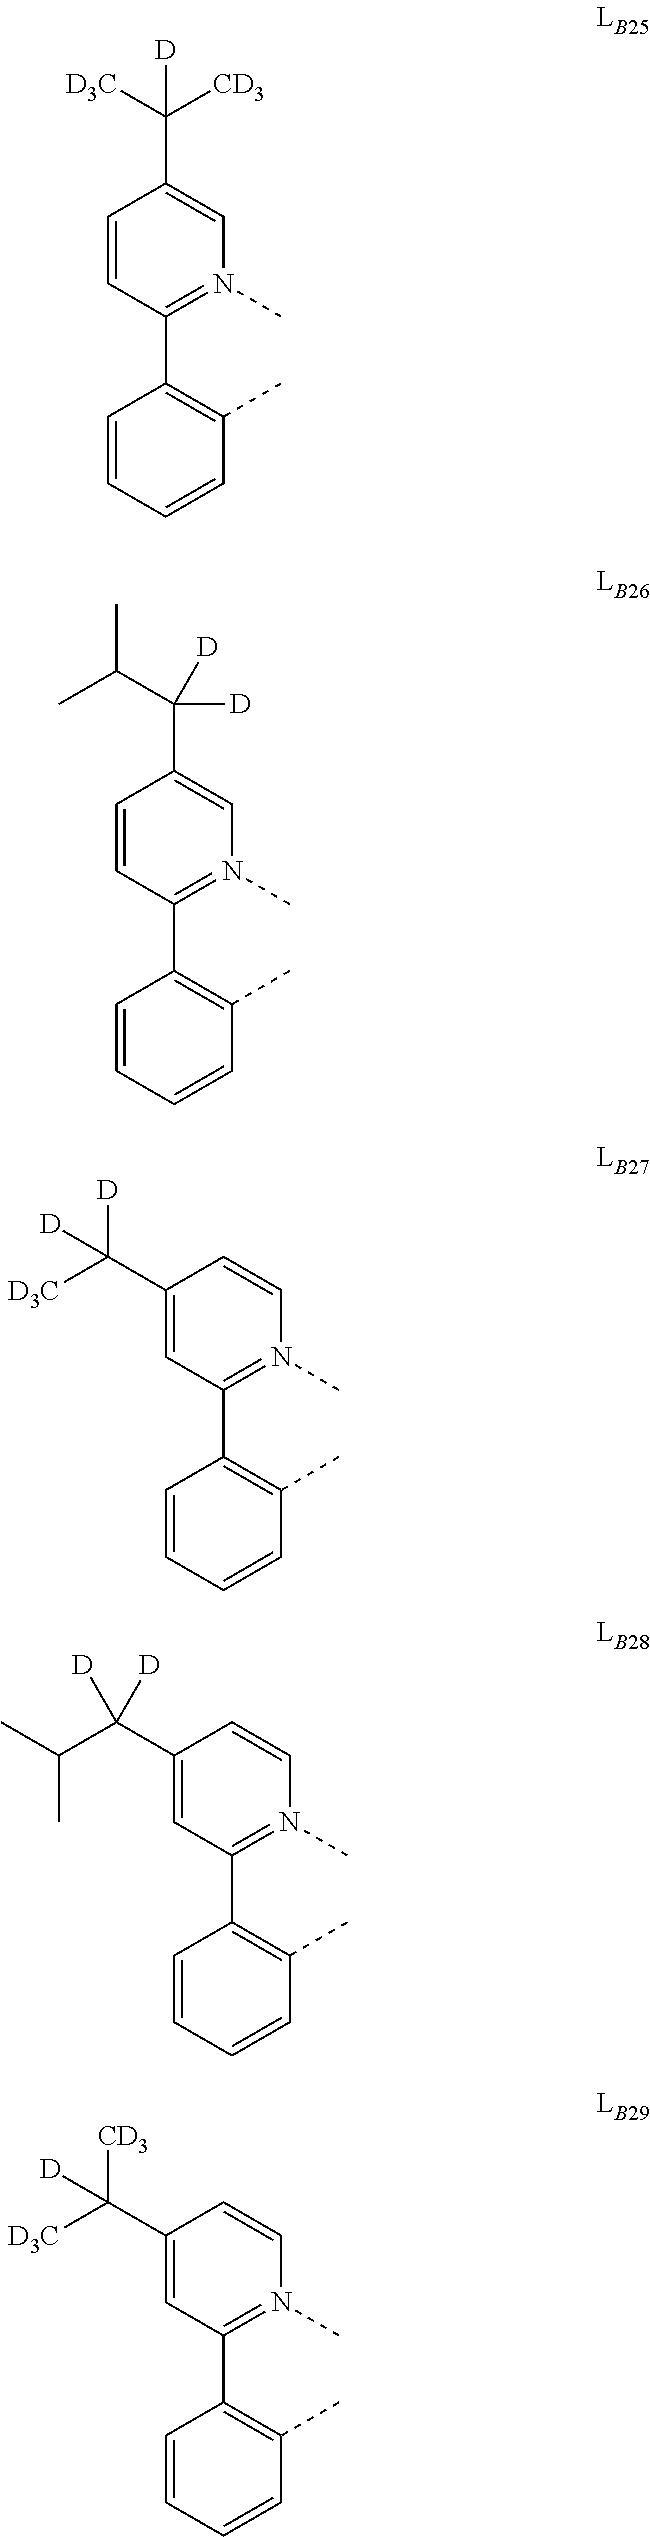 Figure US09929360-20180327-C00221